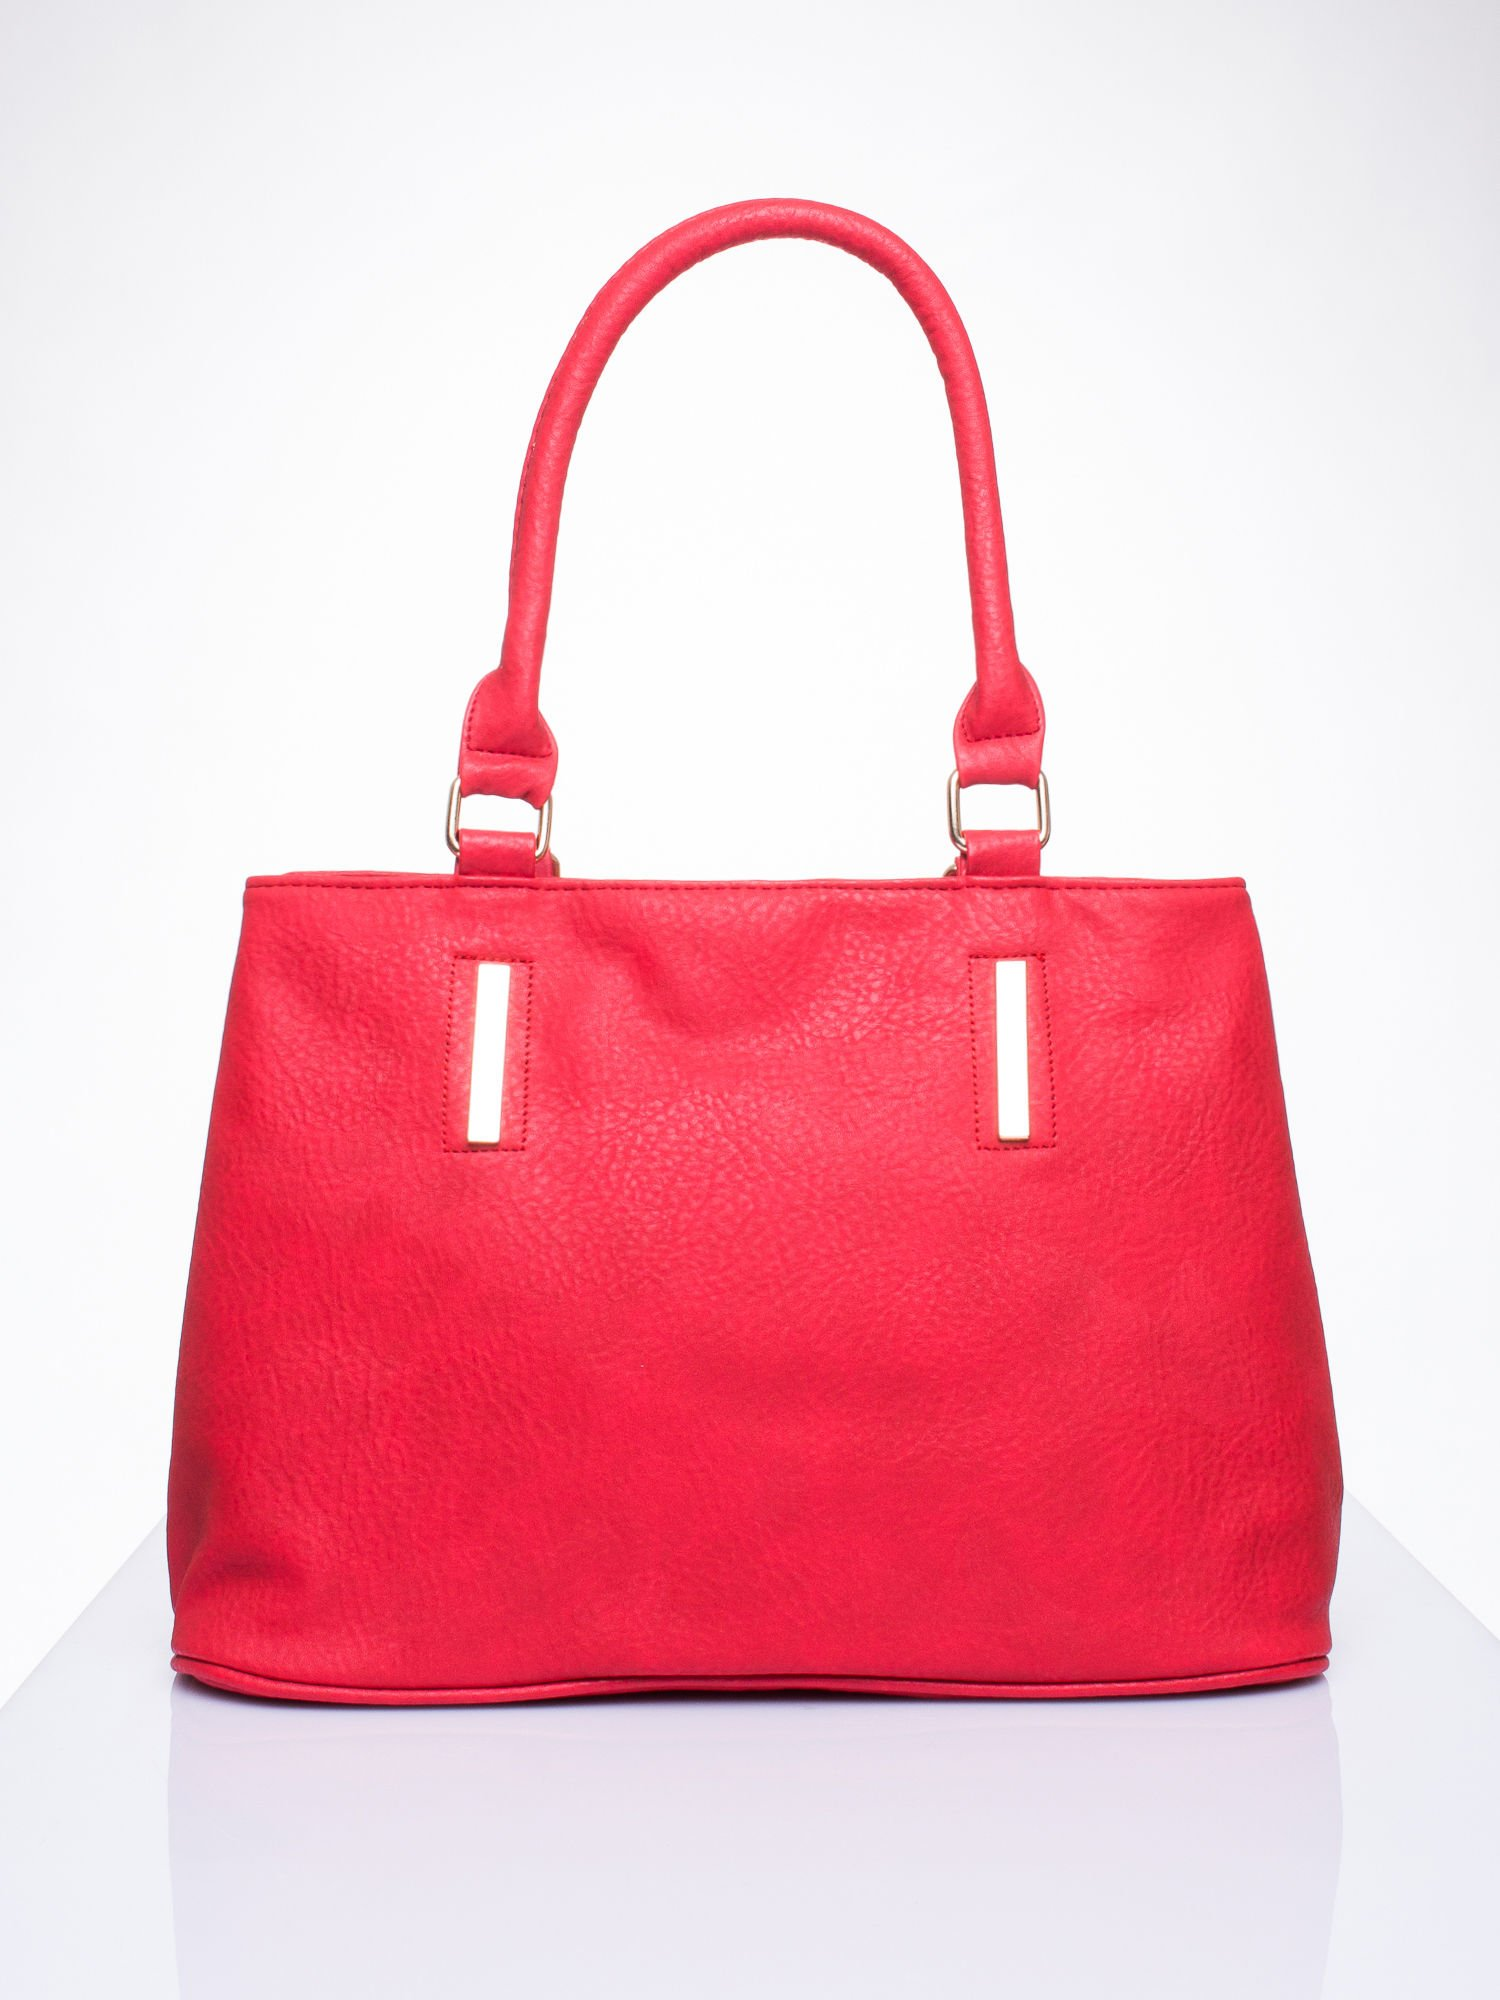 Czarwona torba miejska na ramię                                  zdj.                                  2